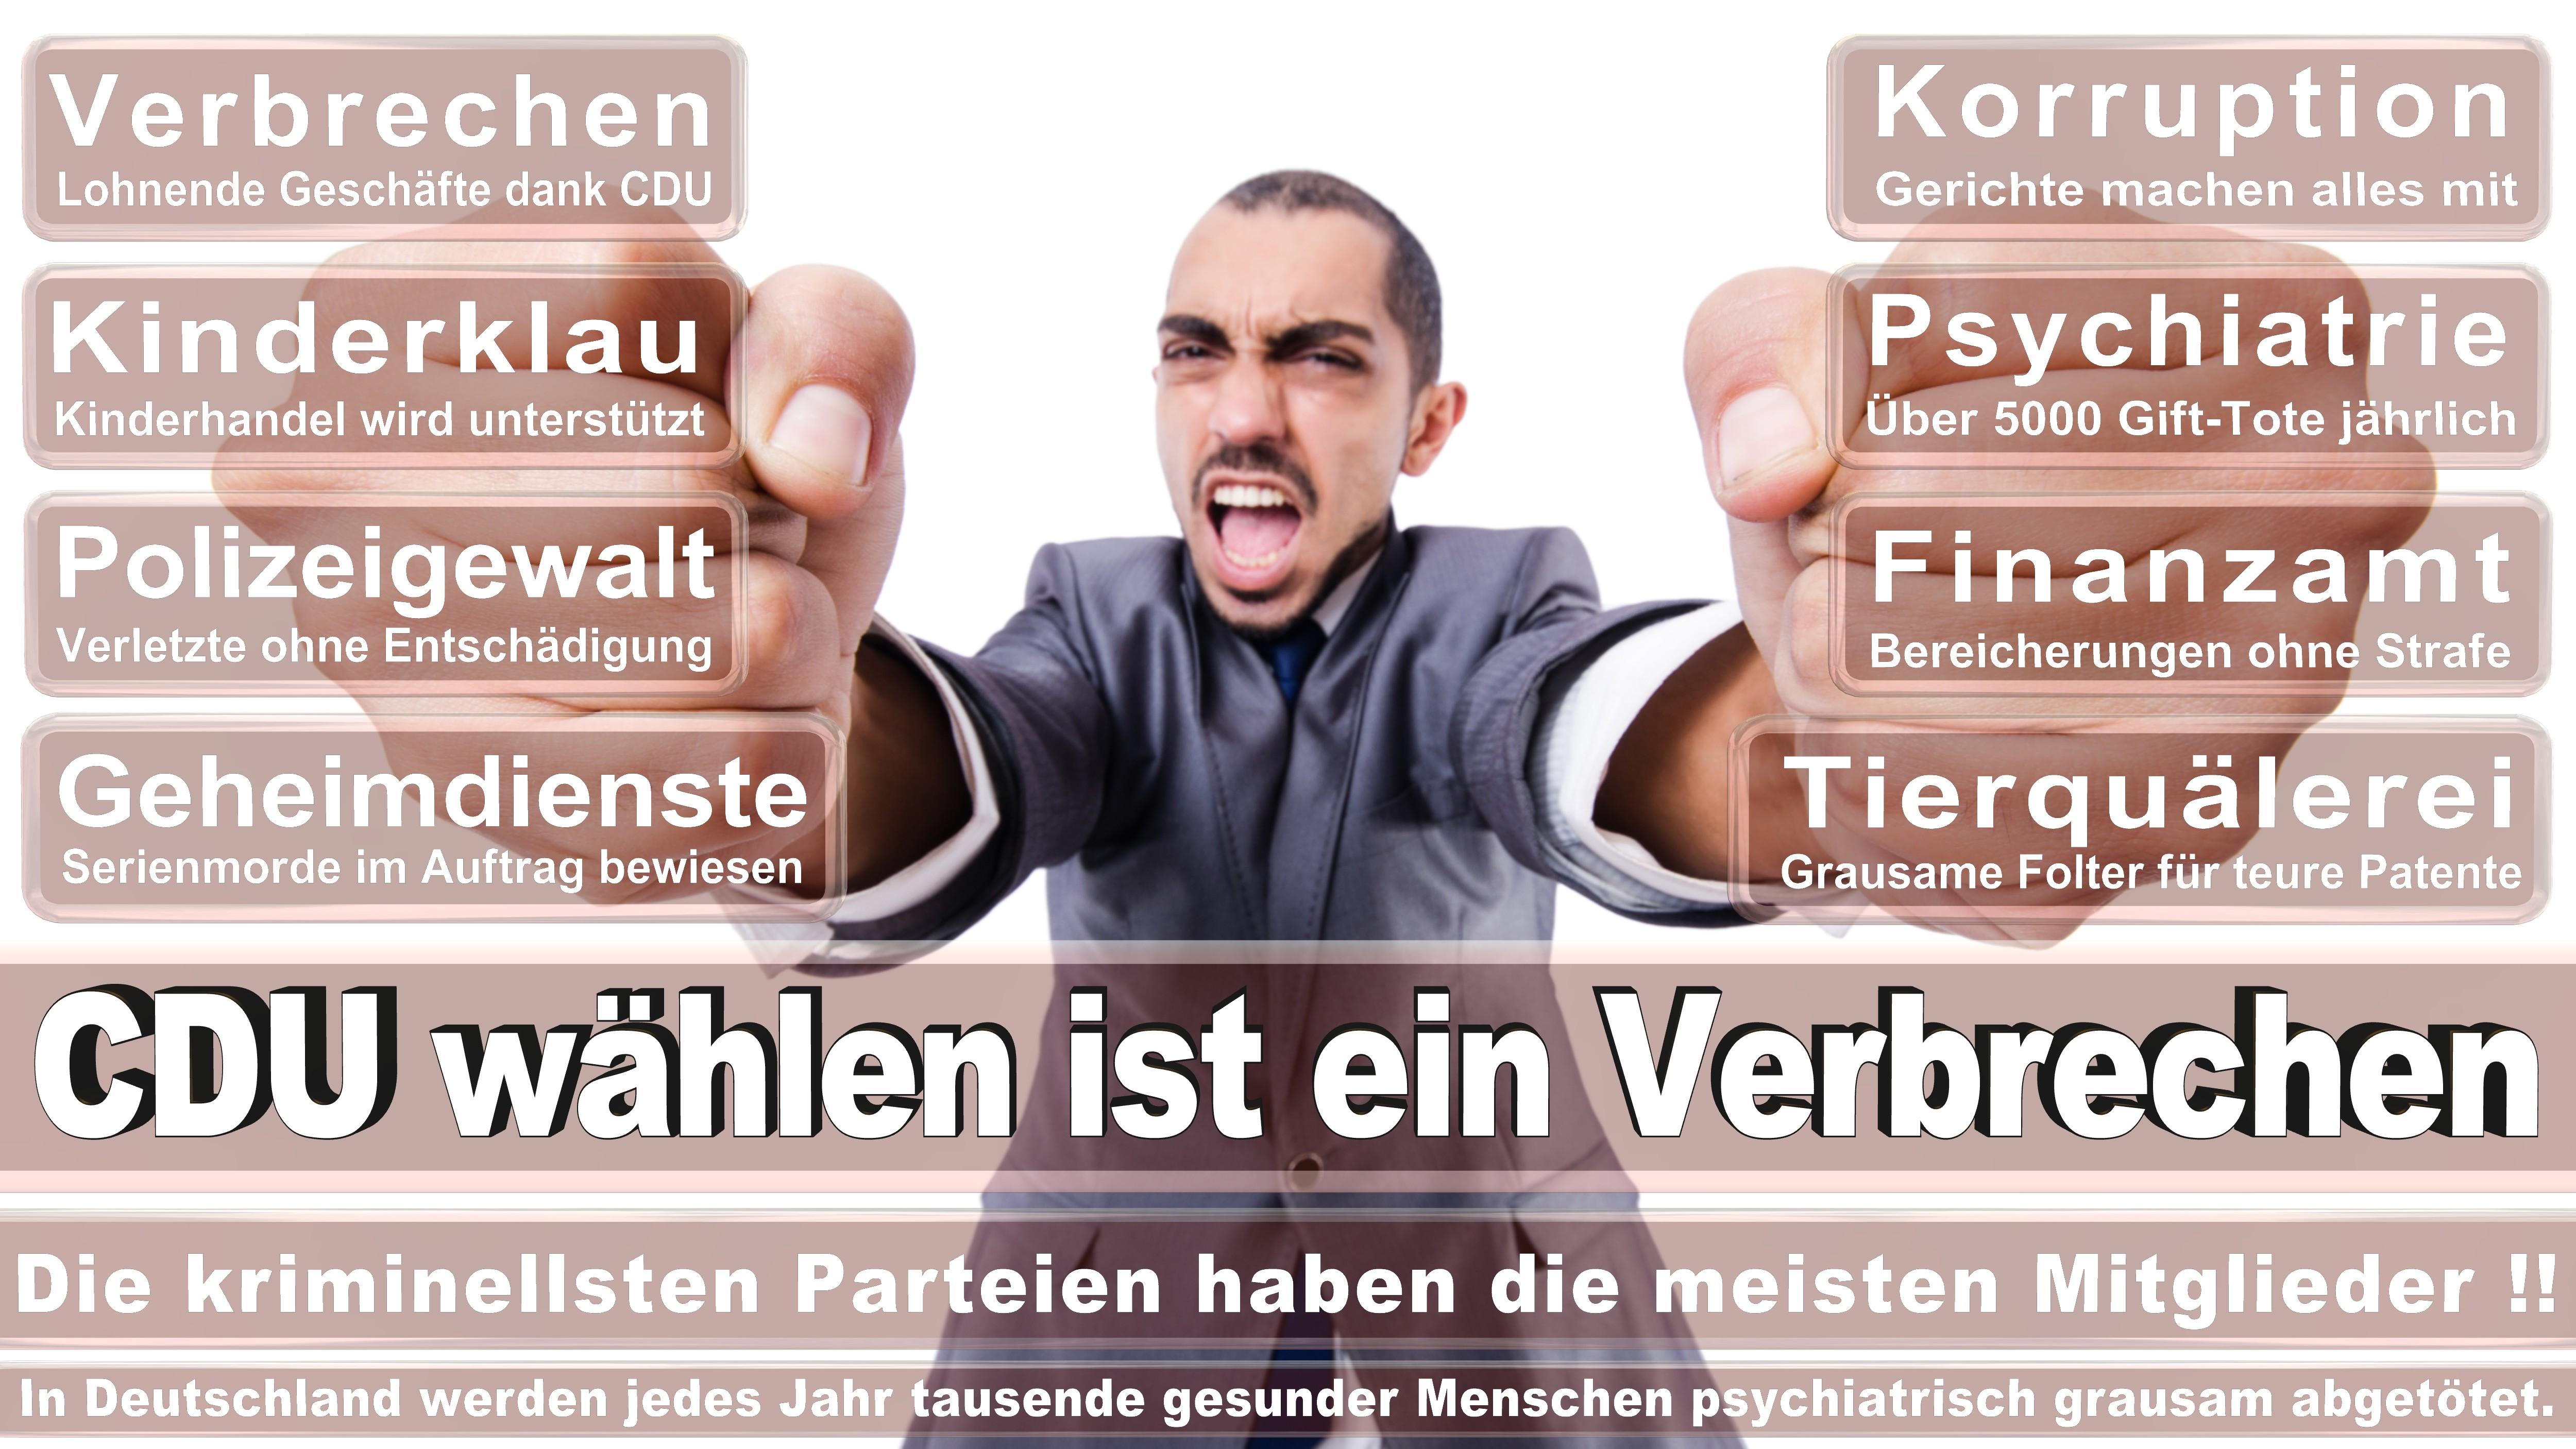 Norbert Brackmann CDU CSU Politiker